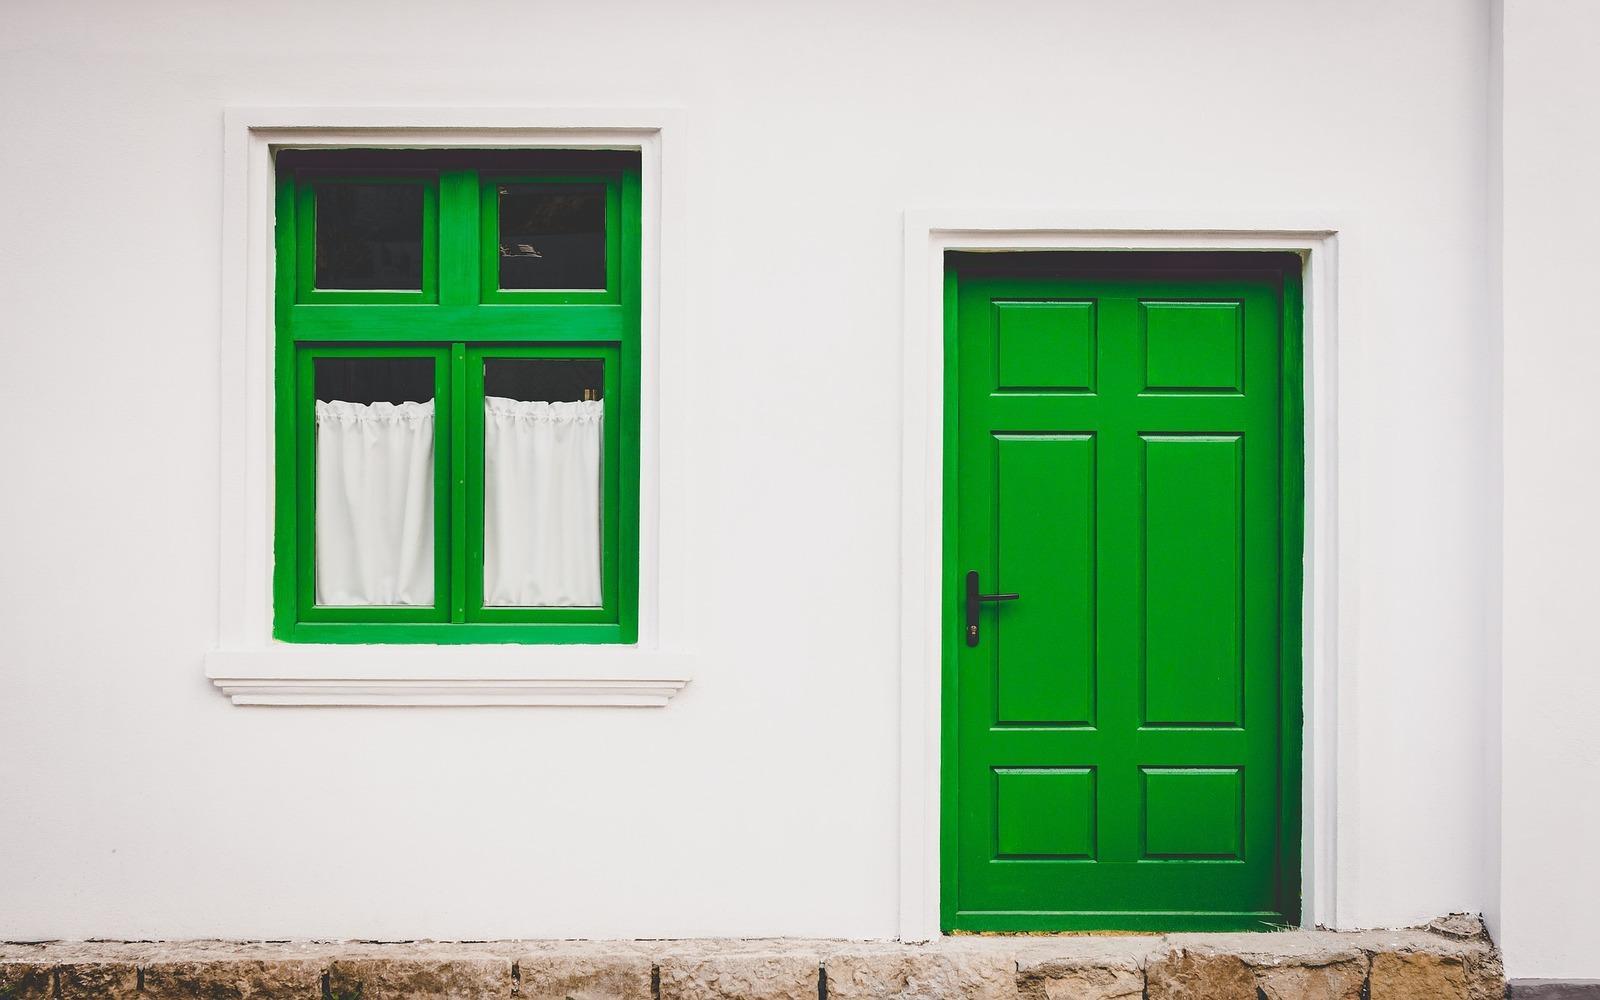 casa-attiva-vs-casa-passiva:-le-due-soluzioni-a-confronto